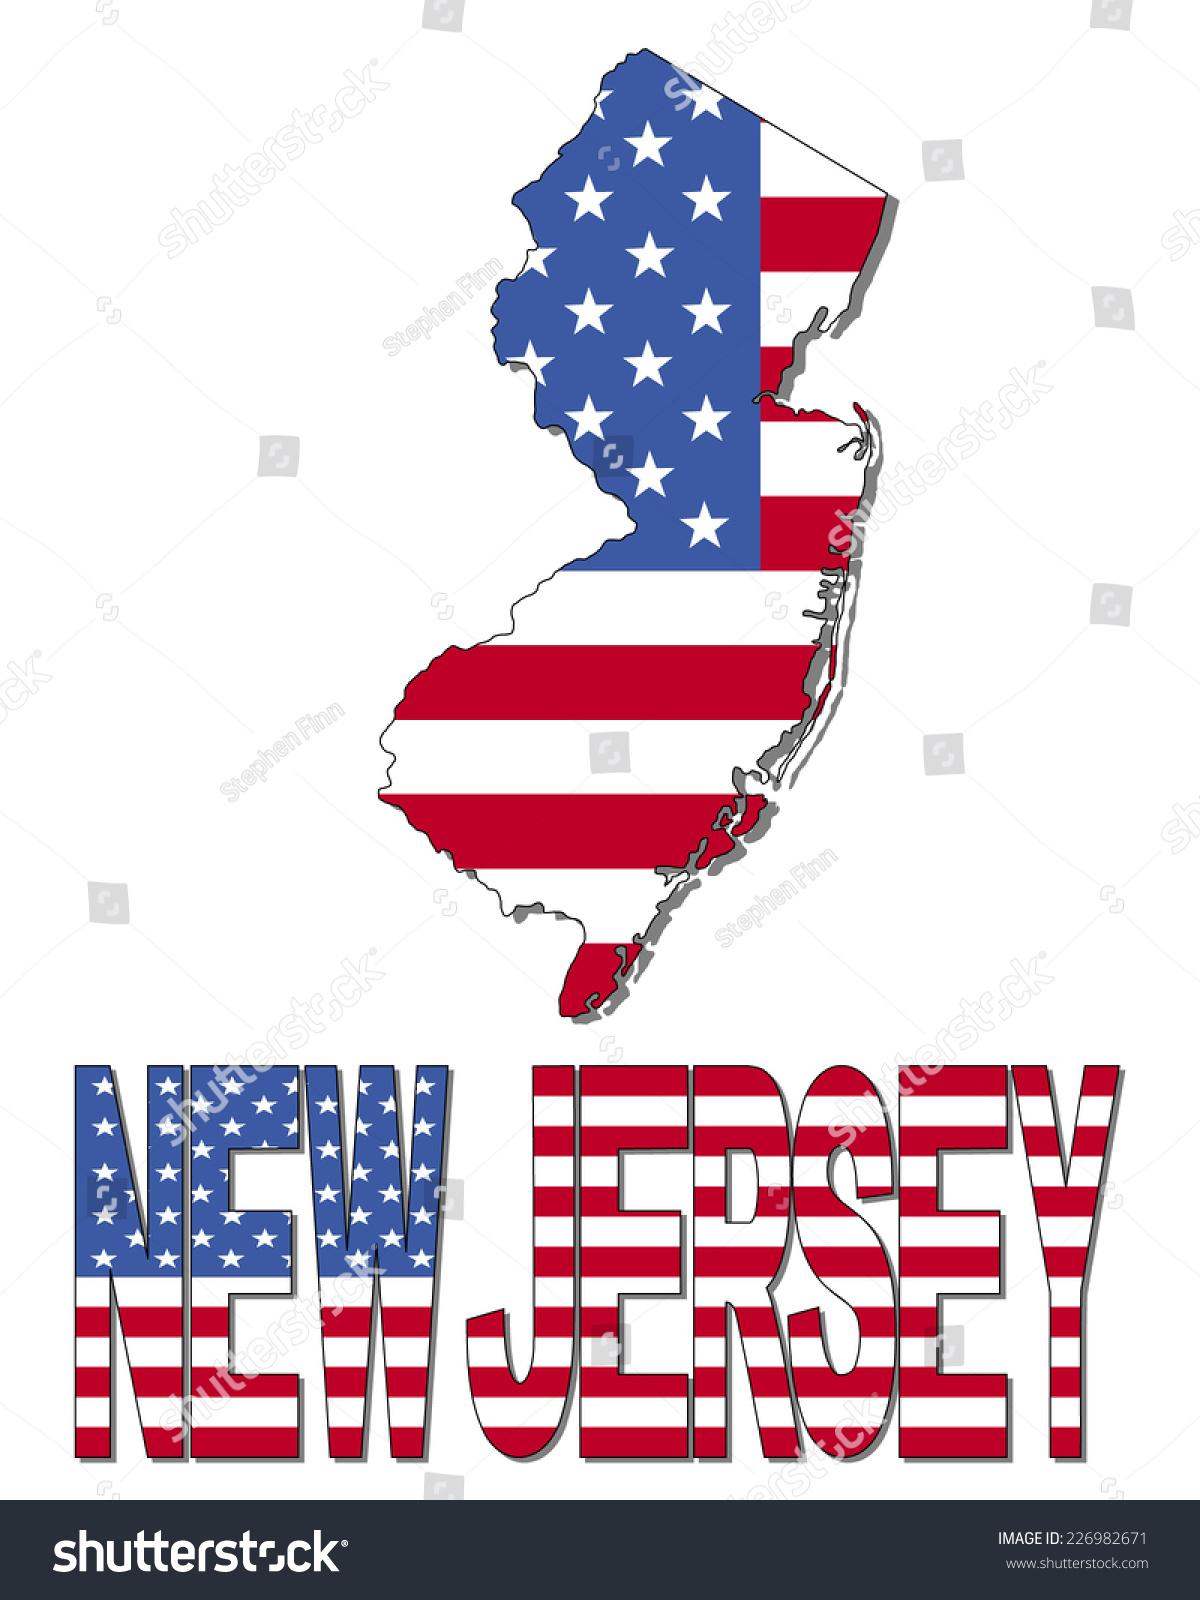 New Jersey Map Flag Text Vector Stock Vector Shutterstock - Newjerseymap